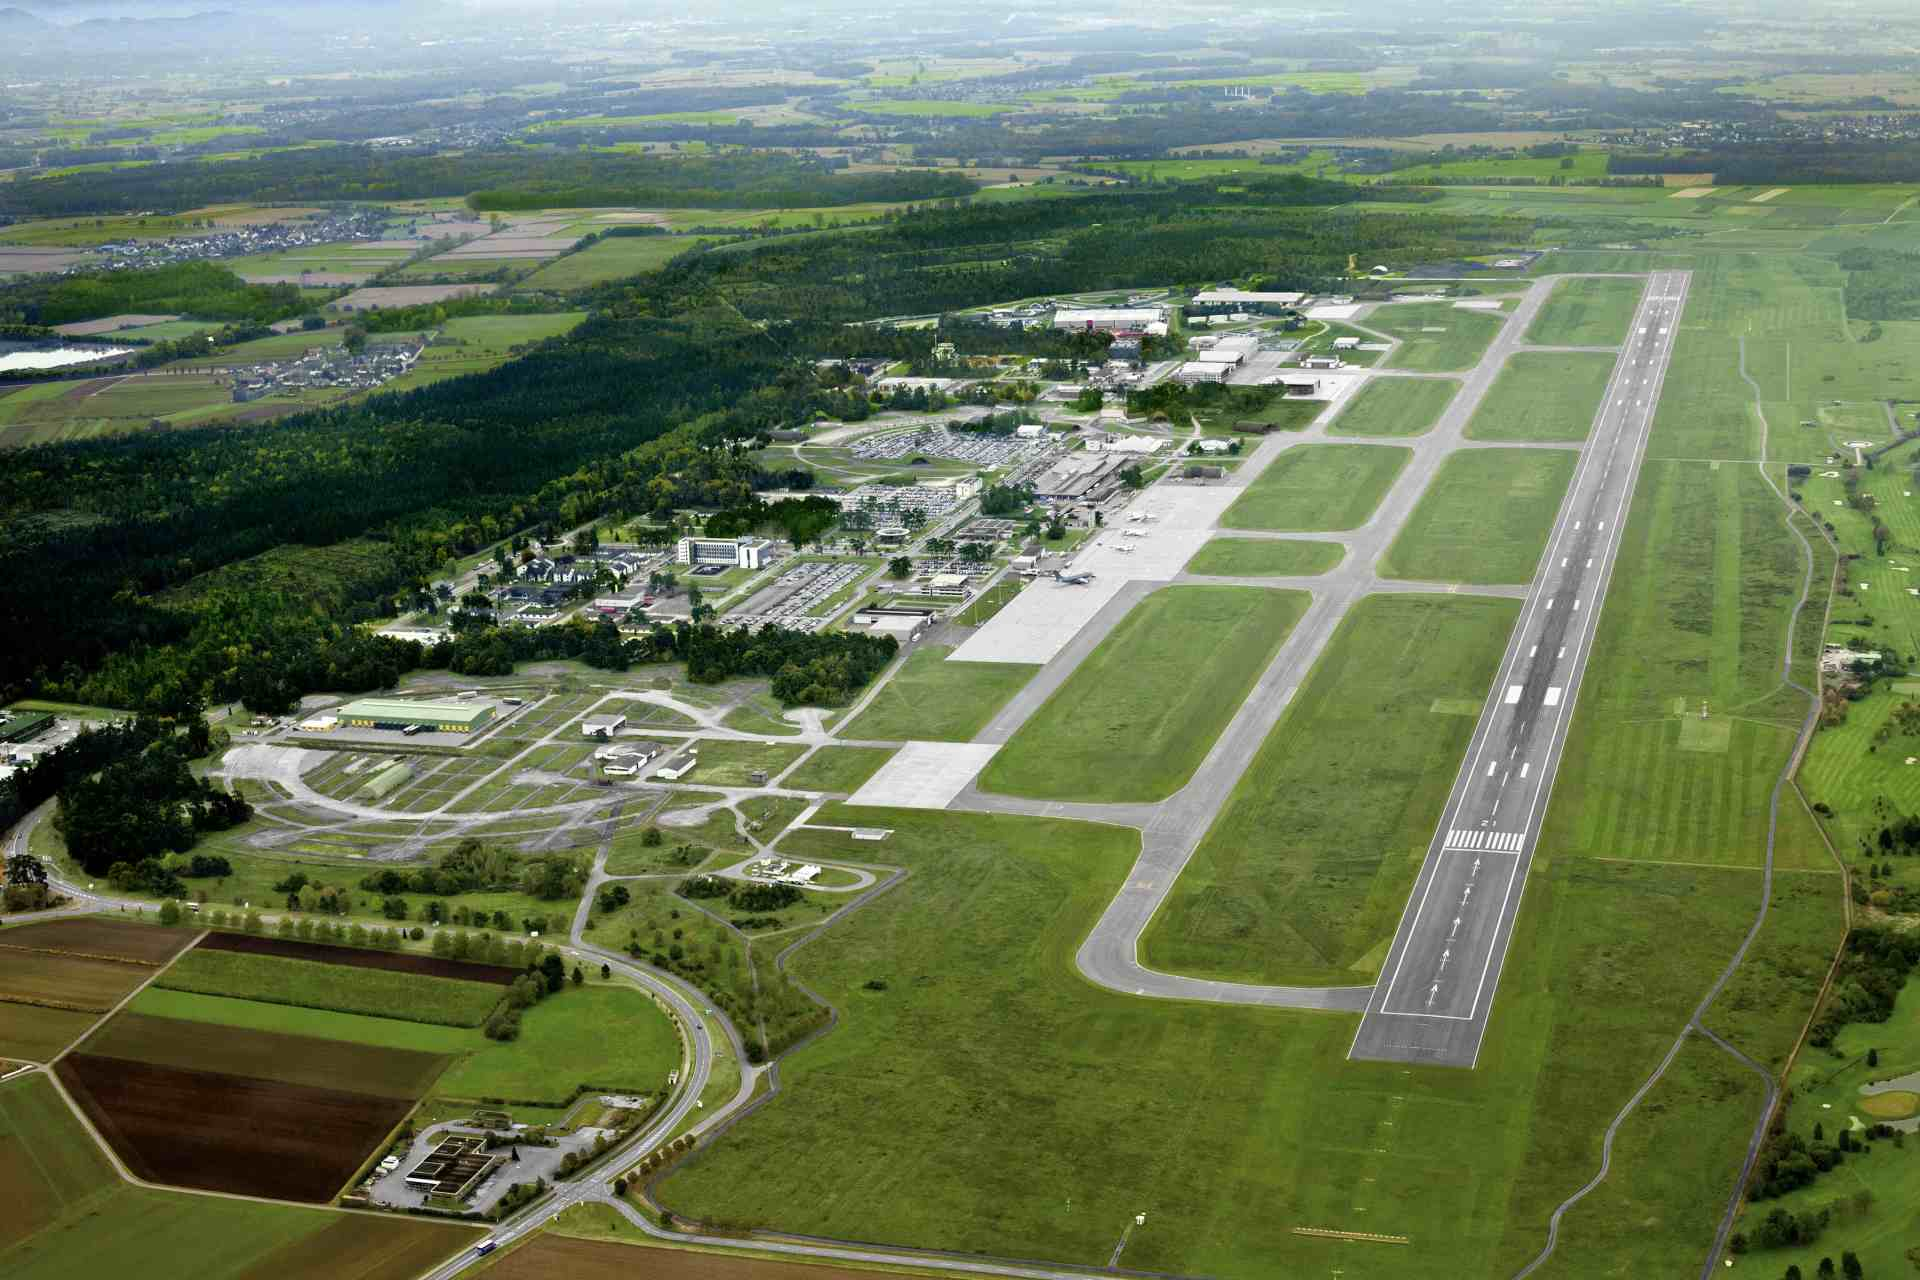 Flughafen Karlsruhe aus der Vogelperspektive